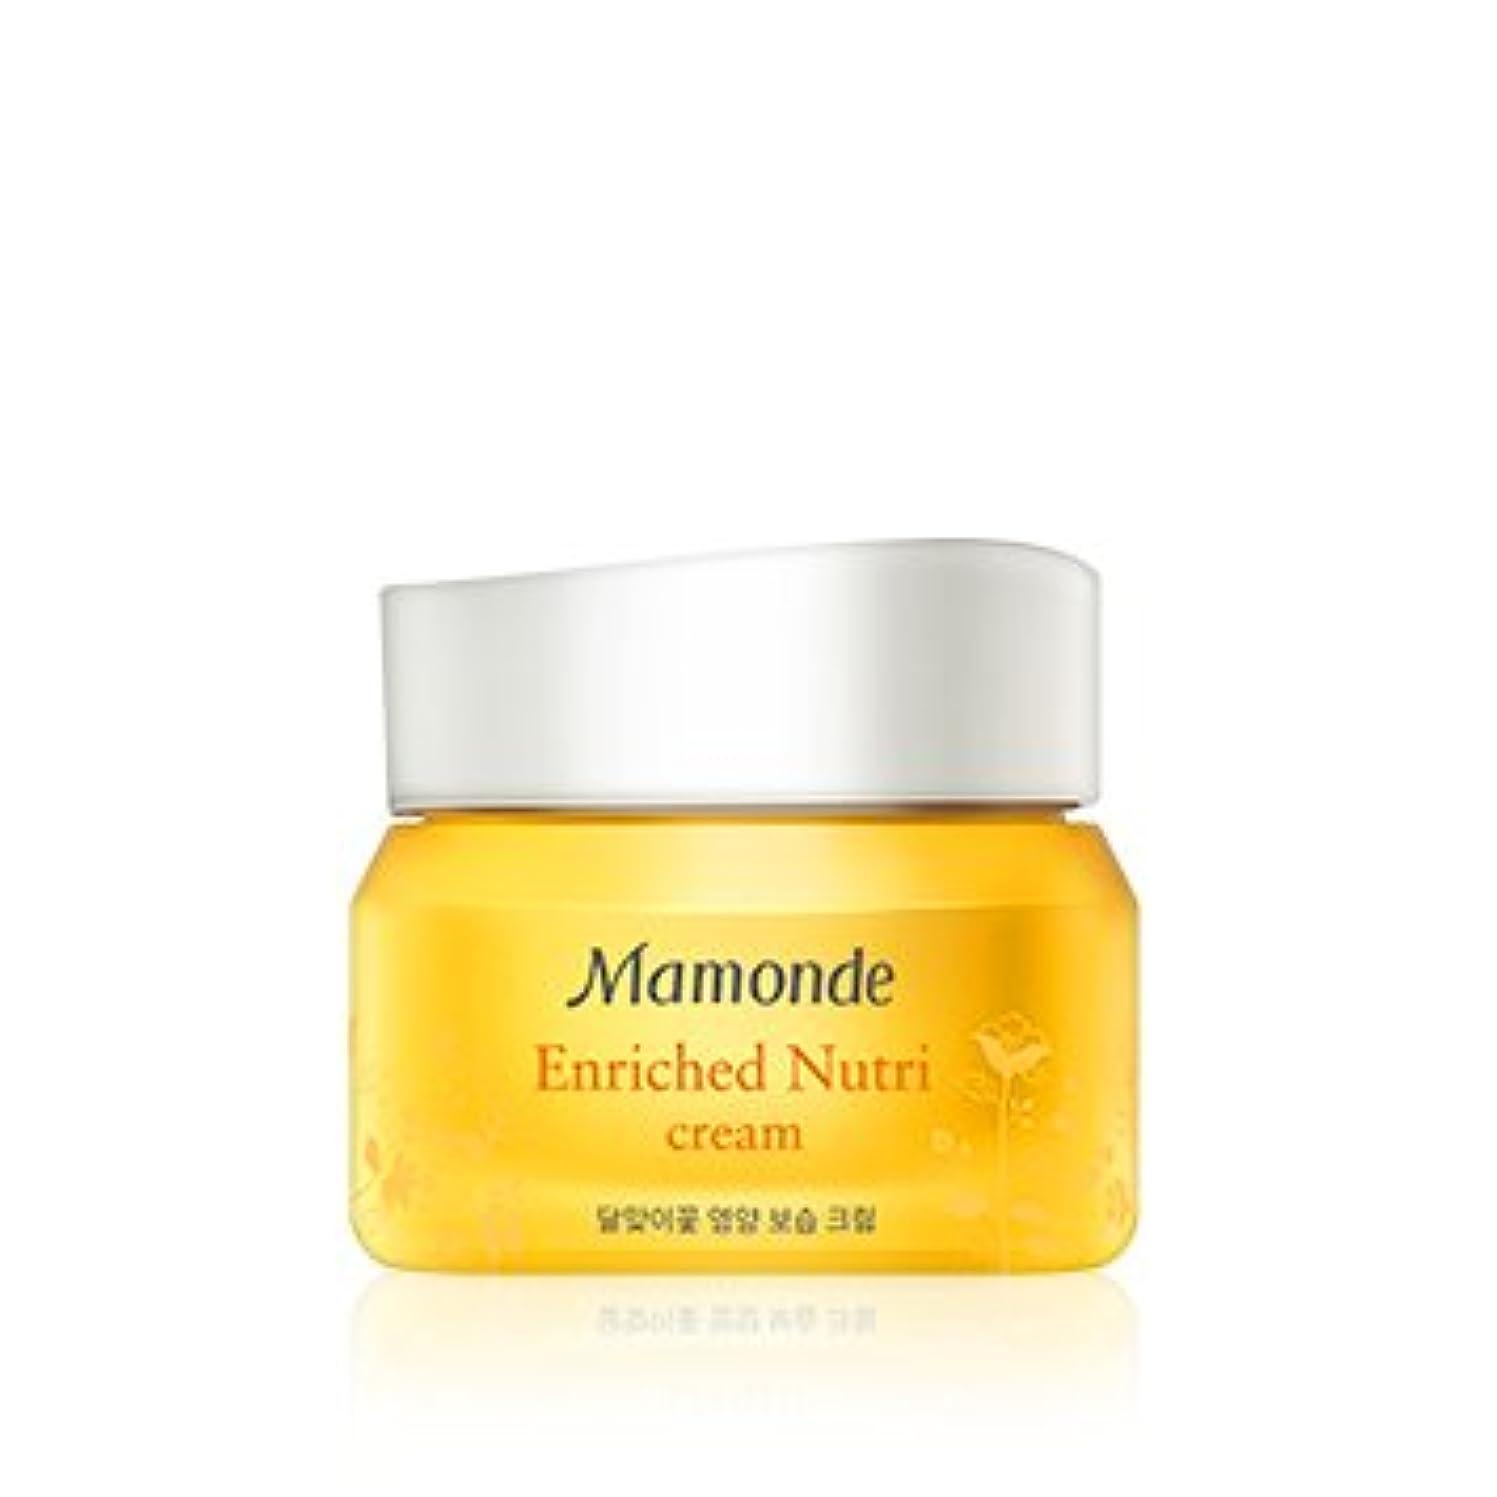 難しい変形一貫性のない[New] Mamonde Enriched Nutri Cream 50ml/マモンド エンリッチド ニュートリ クリーム 50ml [並行輸入品]